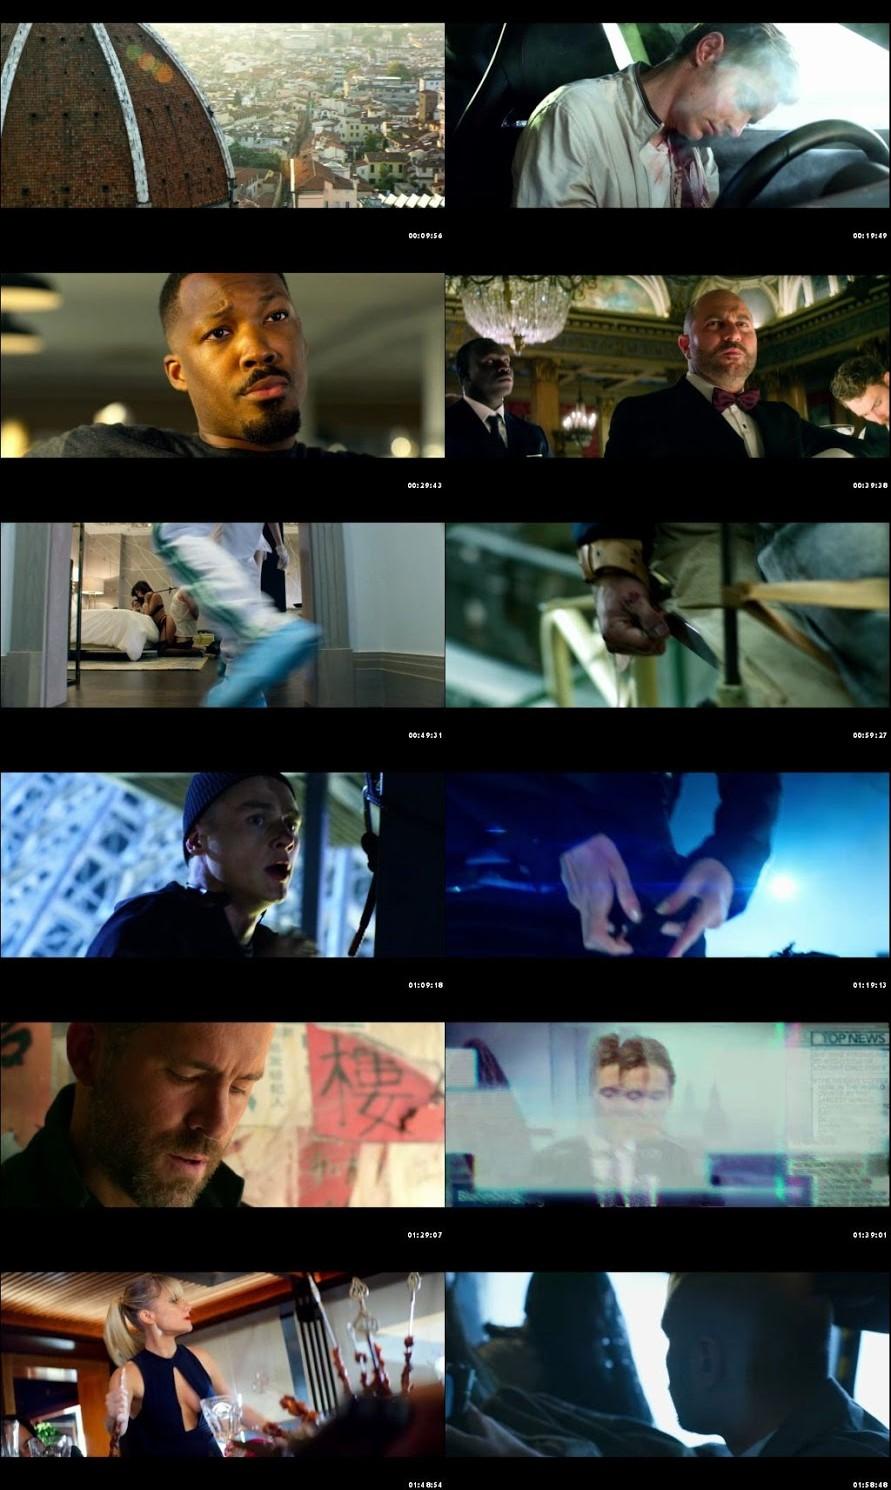 6 Underground 2019 Full Hindi Movie Online Watch